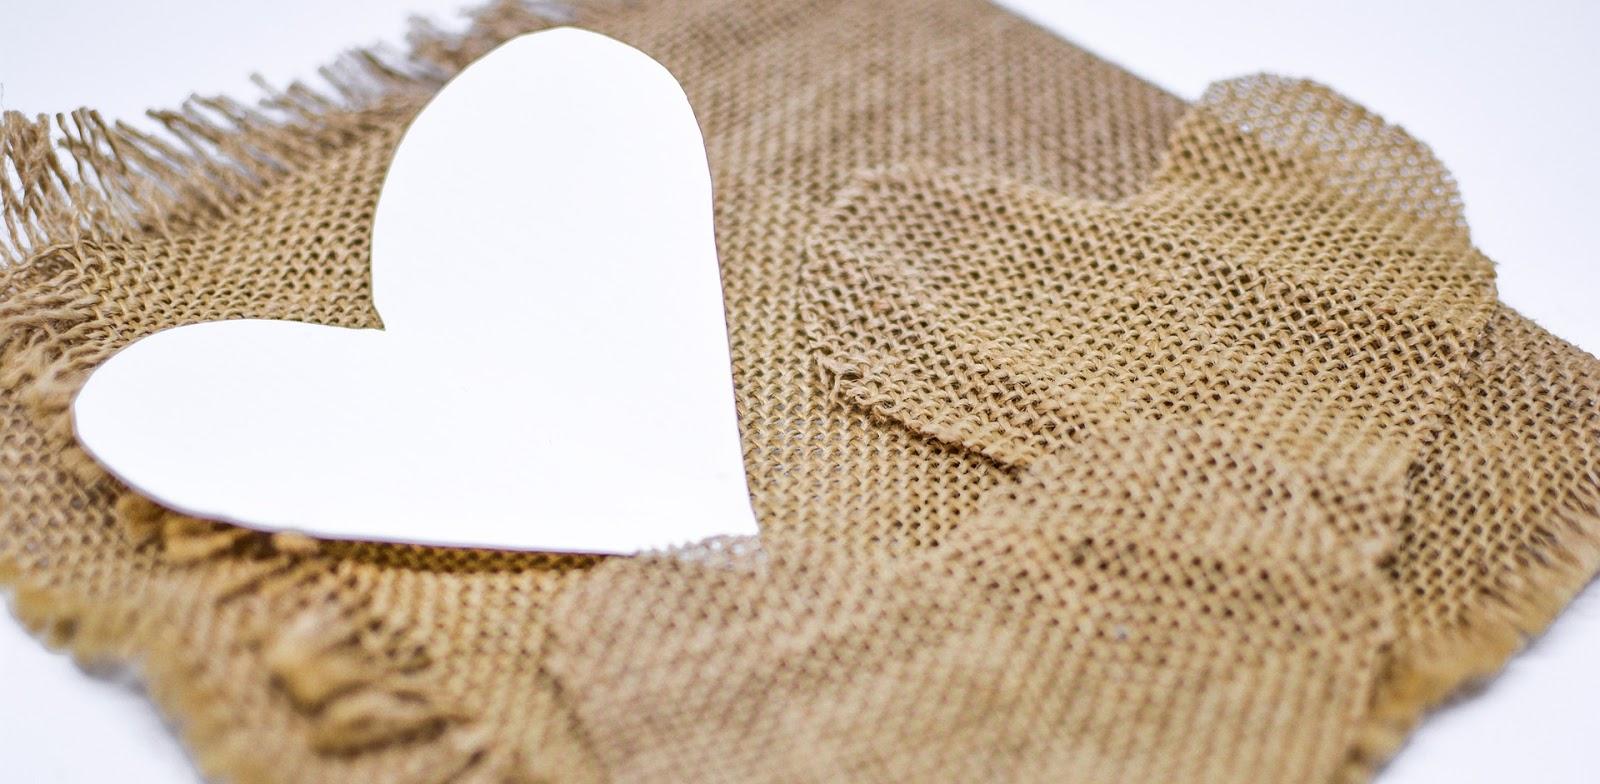 080ce885a Manualidades y tendencias: Manualidades con tela de saco